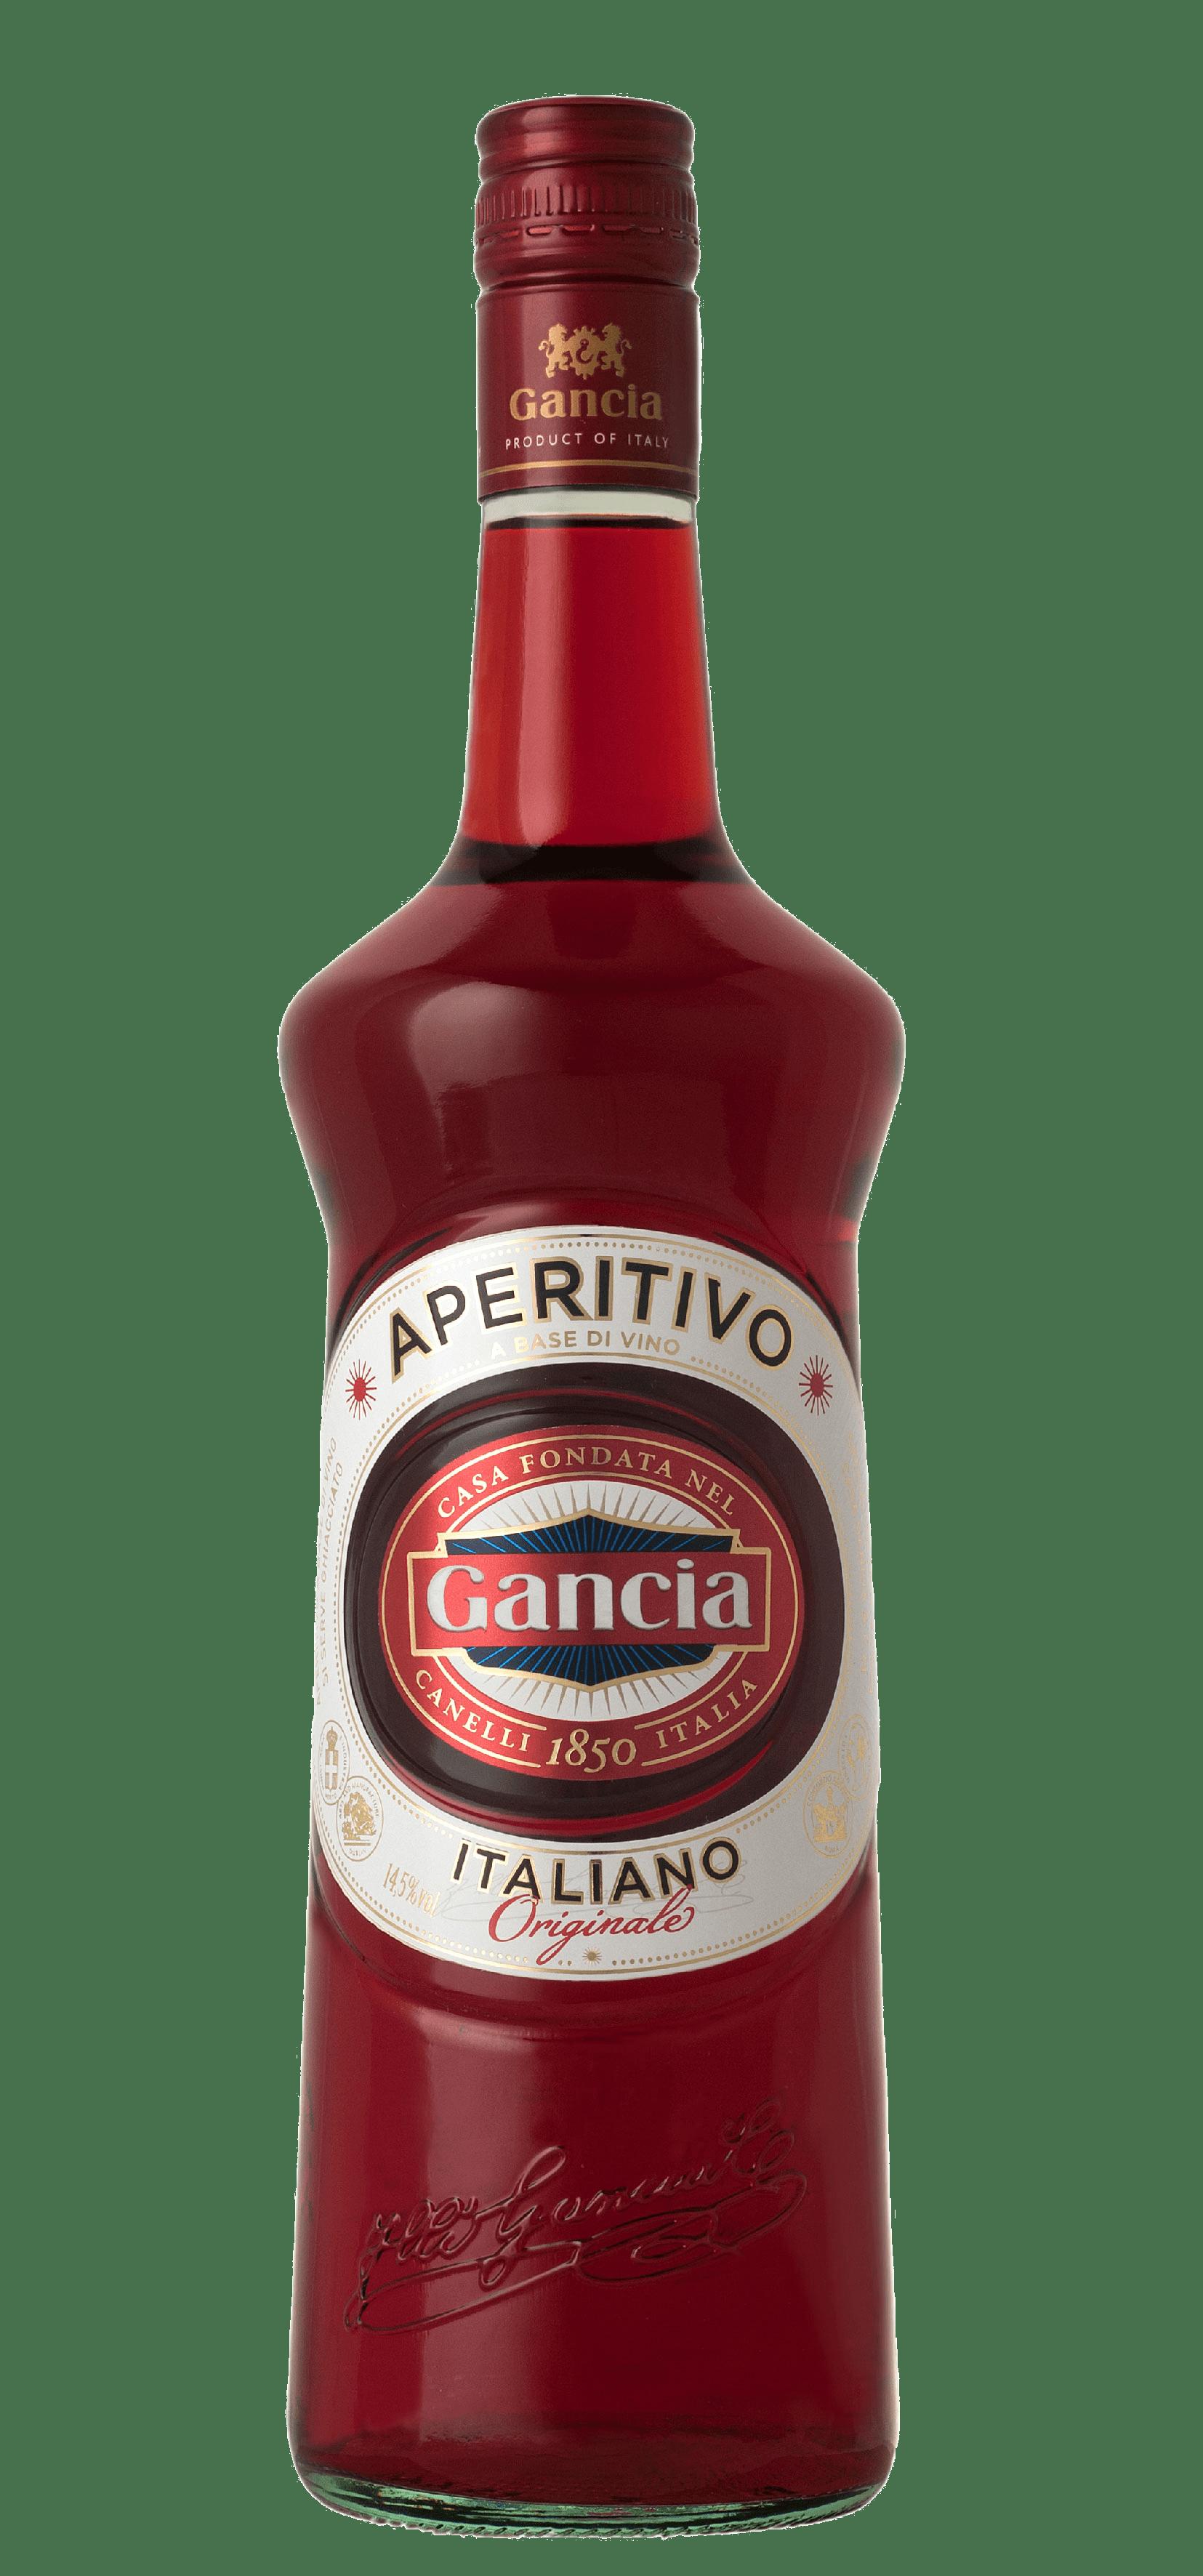 Gancia Aperitivo Italiano